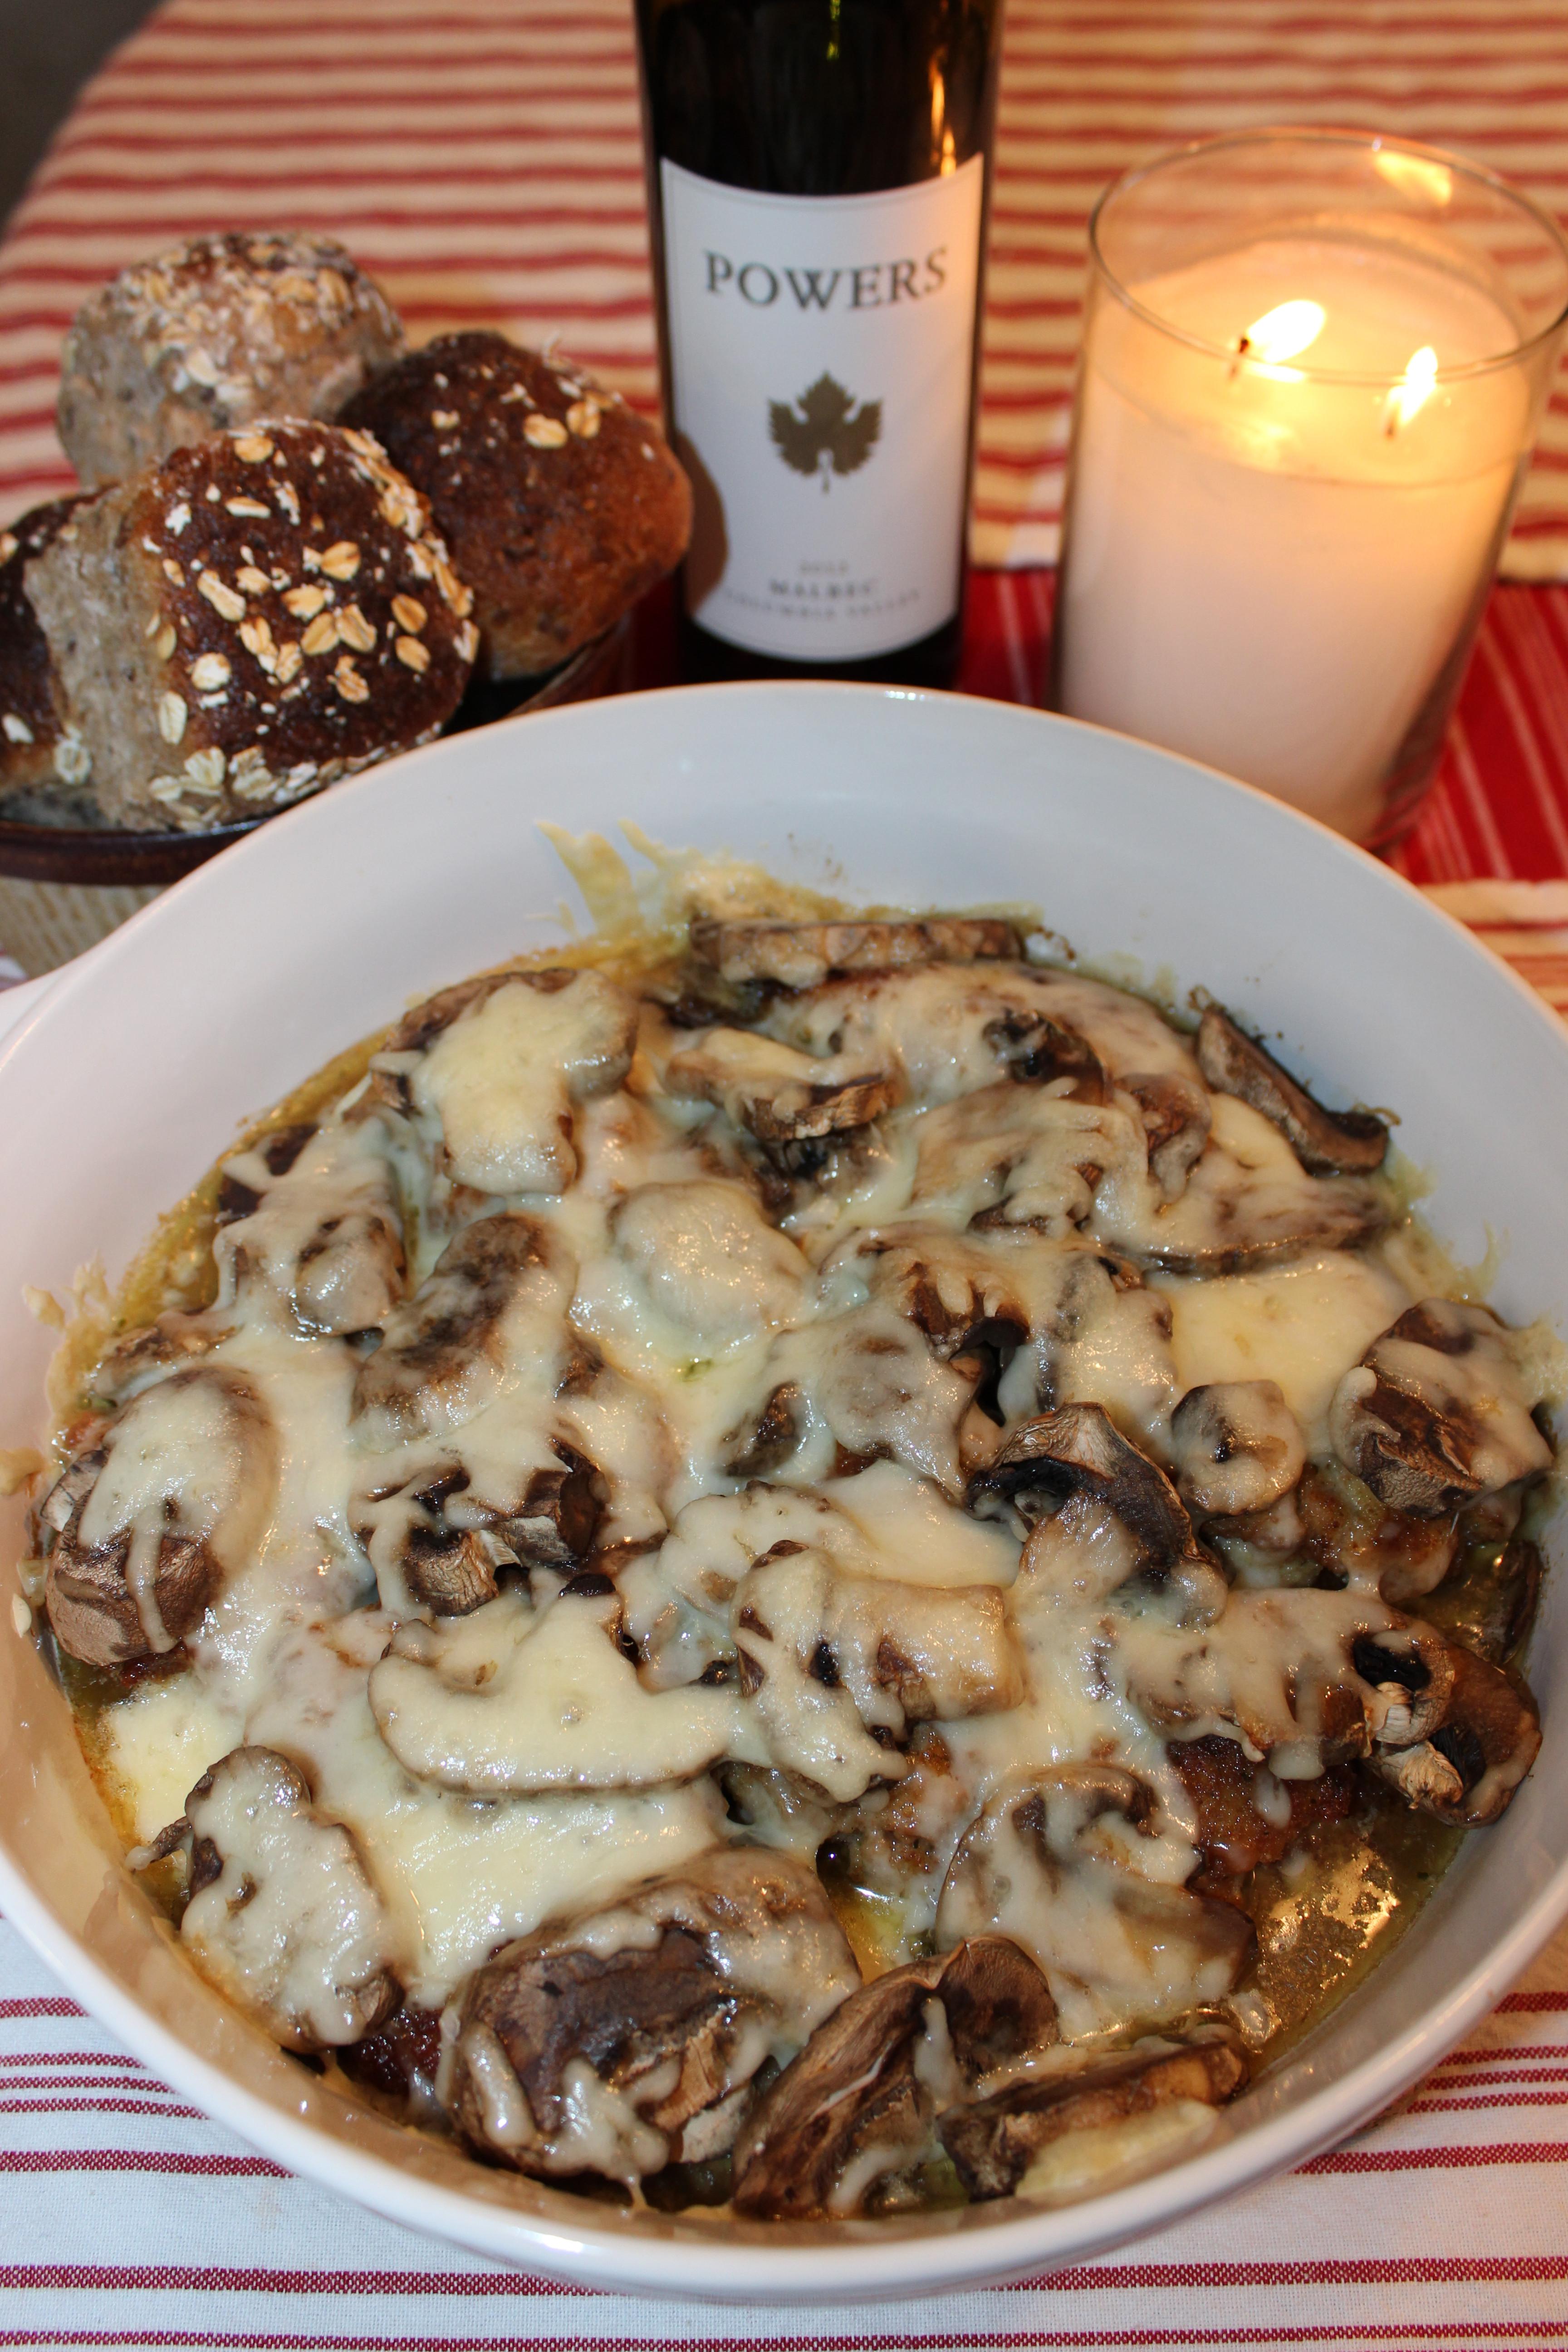 Chicken Thigh Casserole  Mushroom Swiss & Parmesan Chicken Thigh Casserole